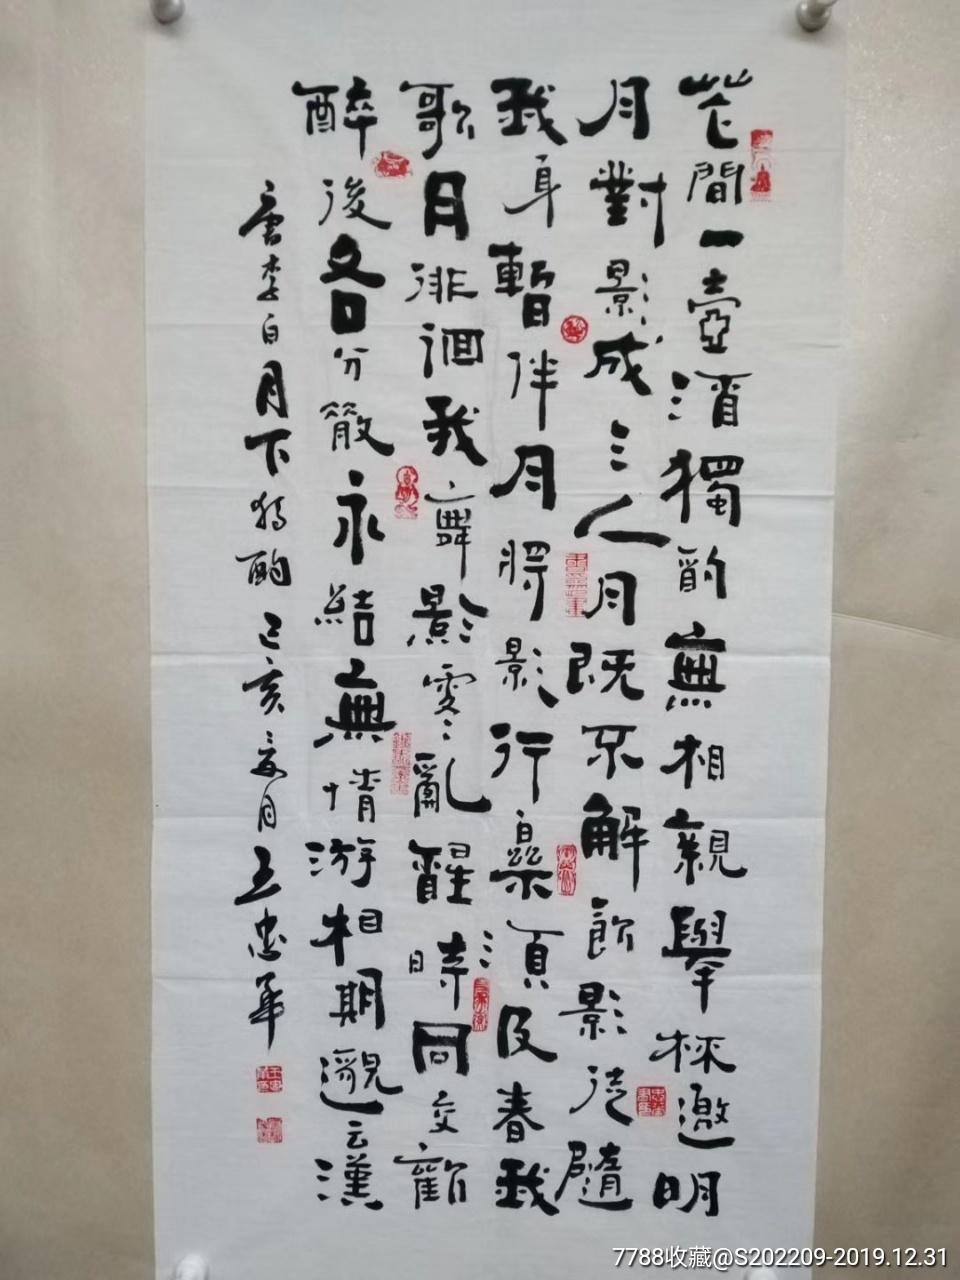 著名��法家王忠�A老��精品��法一副,尺寸102/52,�g迎�炻�(au22040159)_